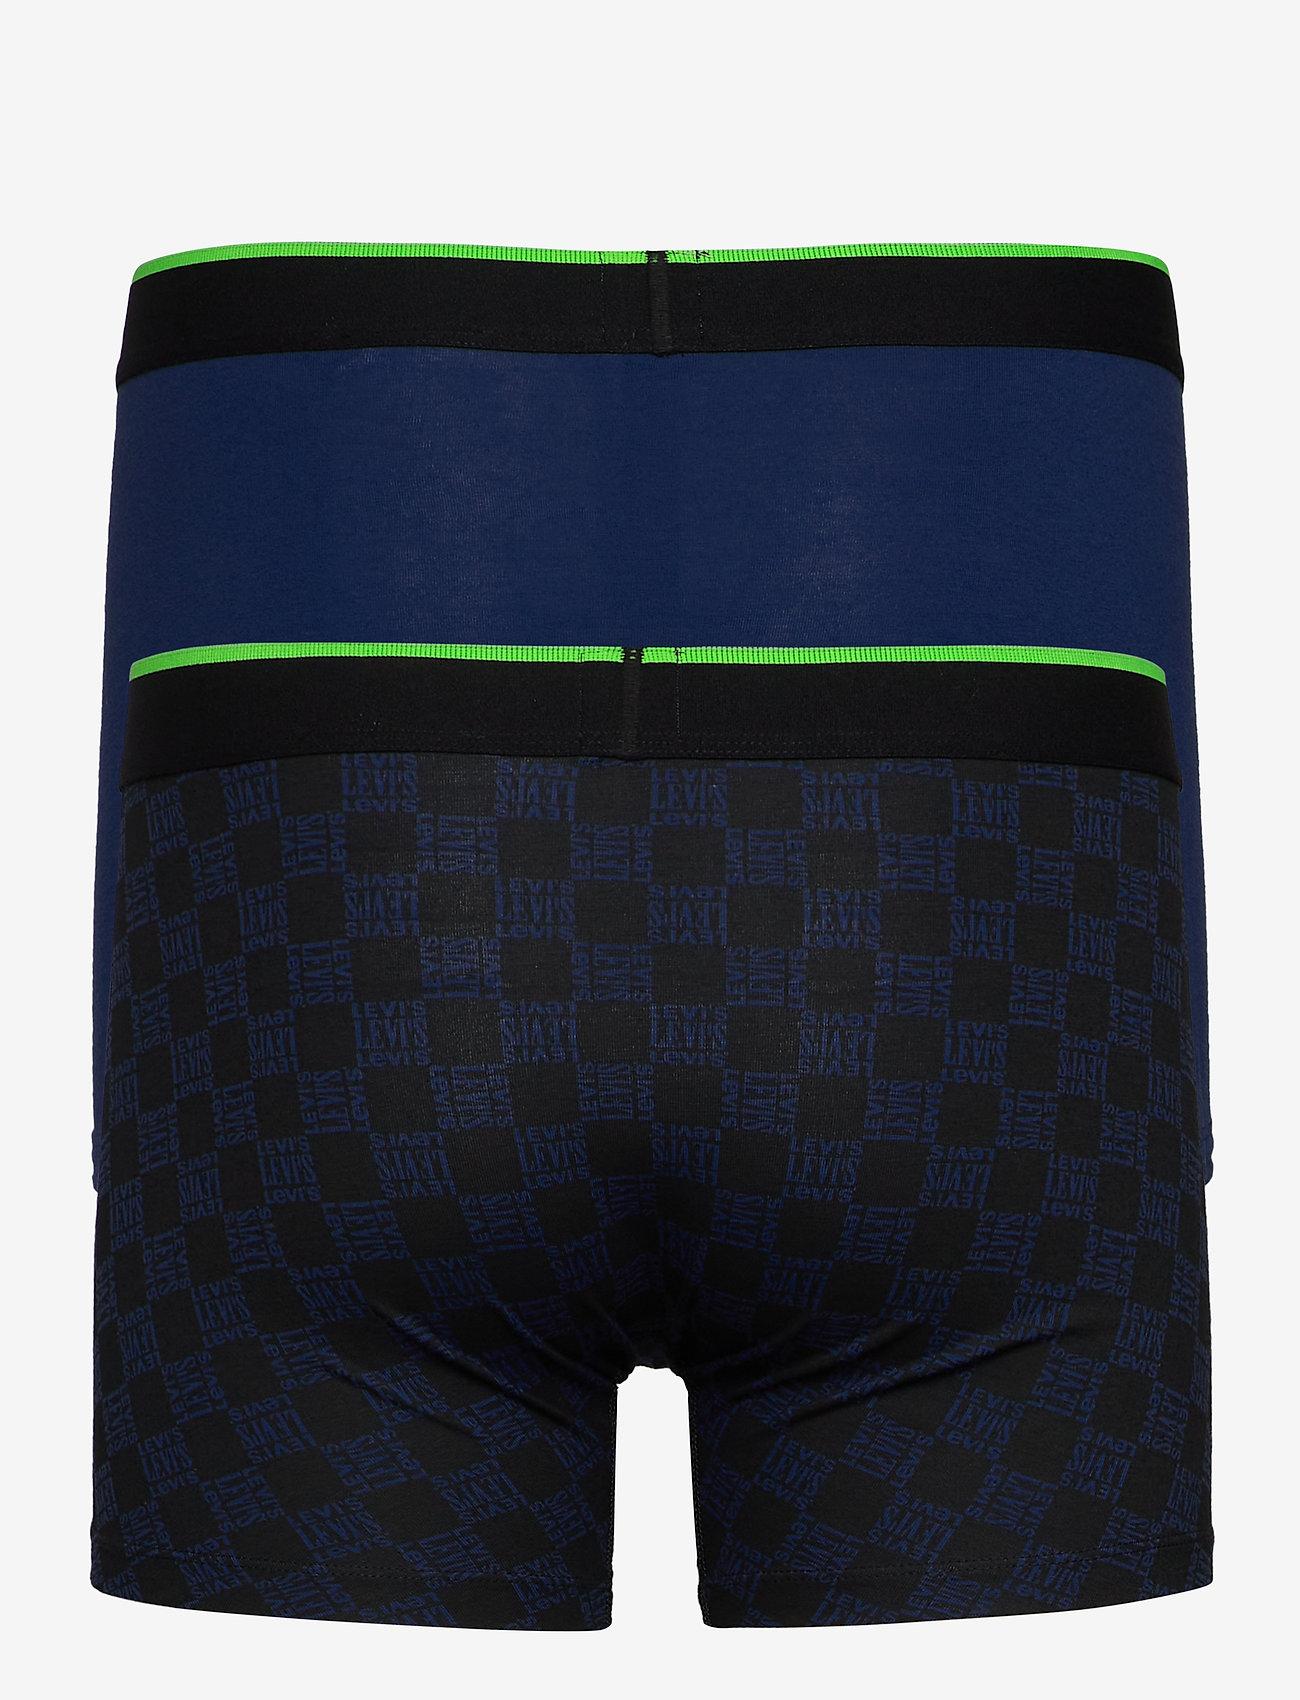 Levis Men Triple Logo Aop Neon Boxe (Blue) (19.59 €) - Levi´s mo3R9